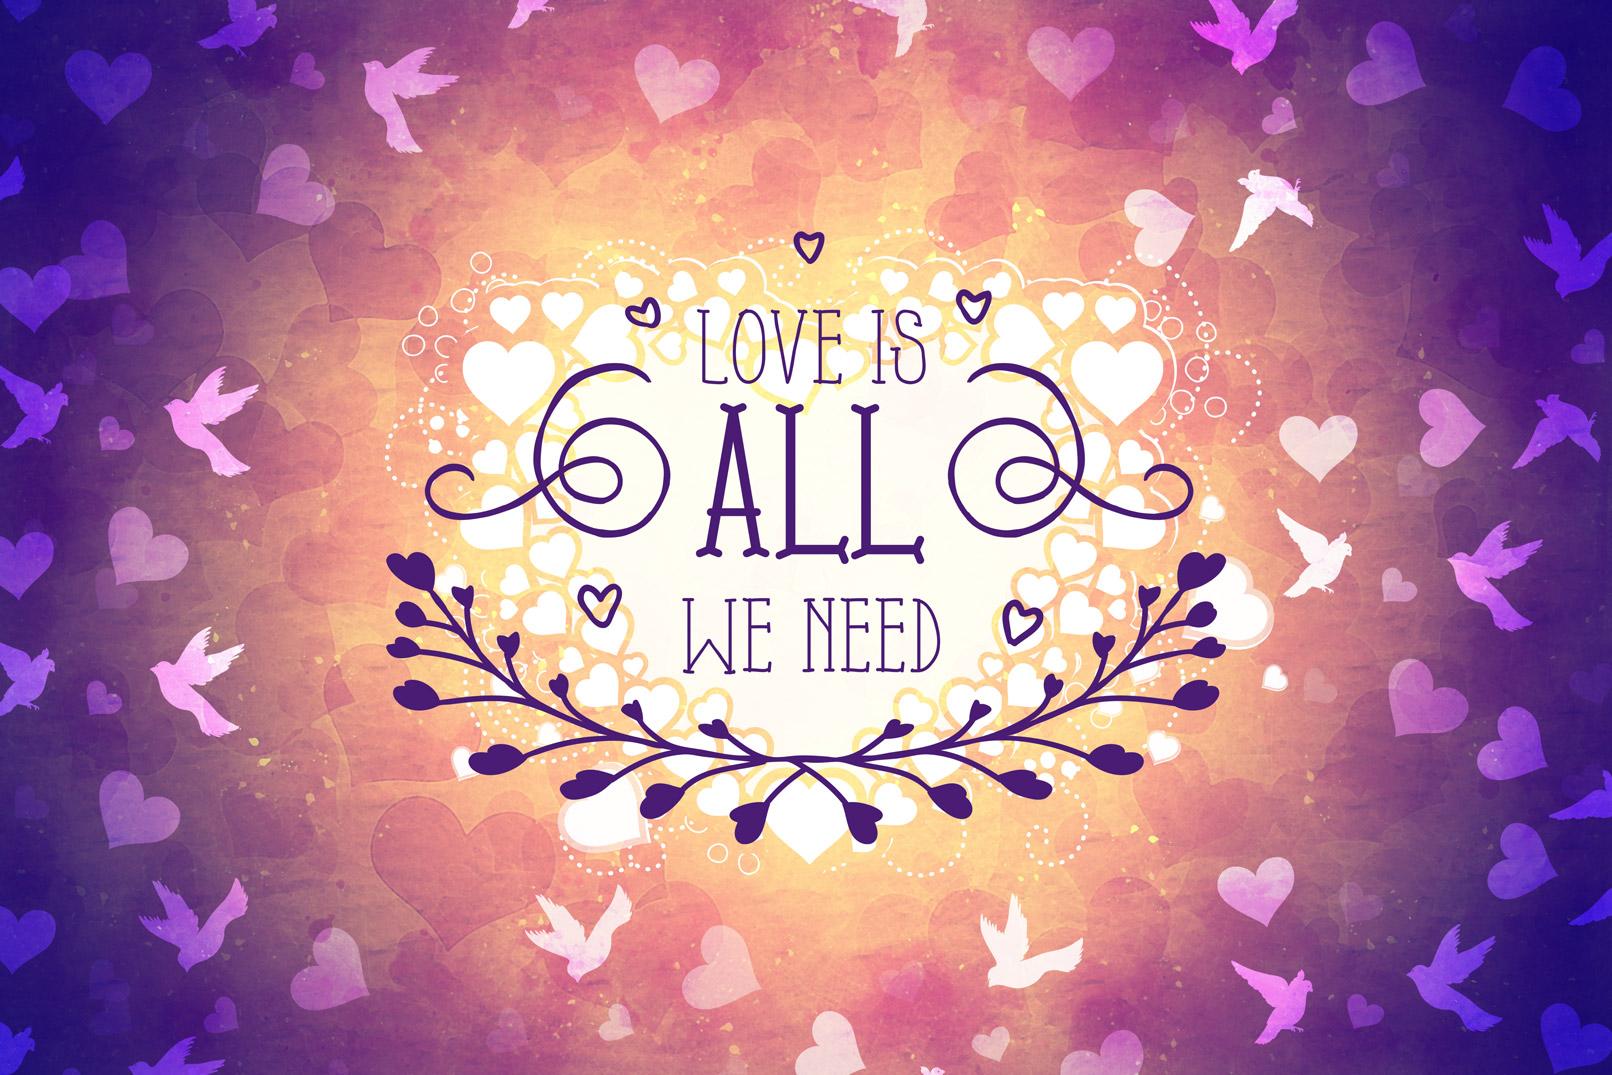 Illustration zur Anwendung der Pinsel für Liebe und Romantik: Herzen, Romantik, Zweisamkeit.